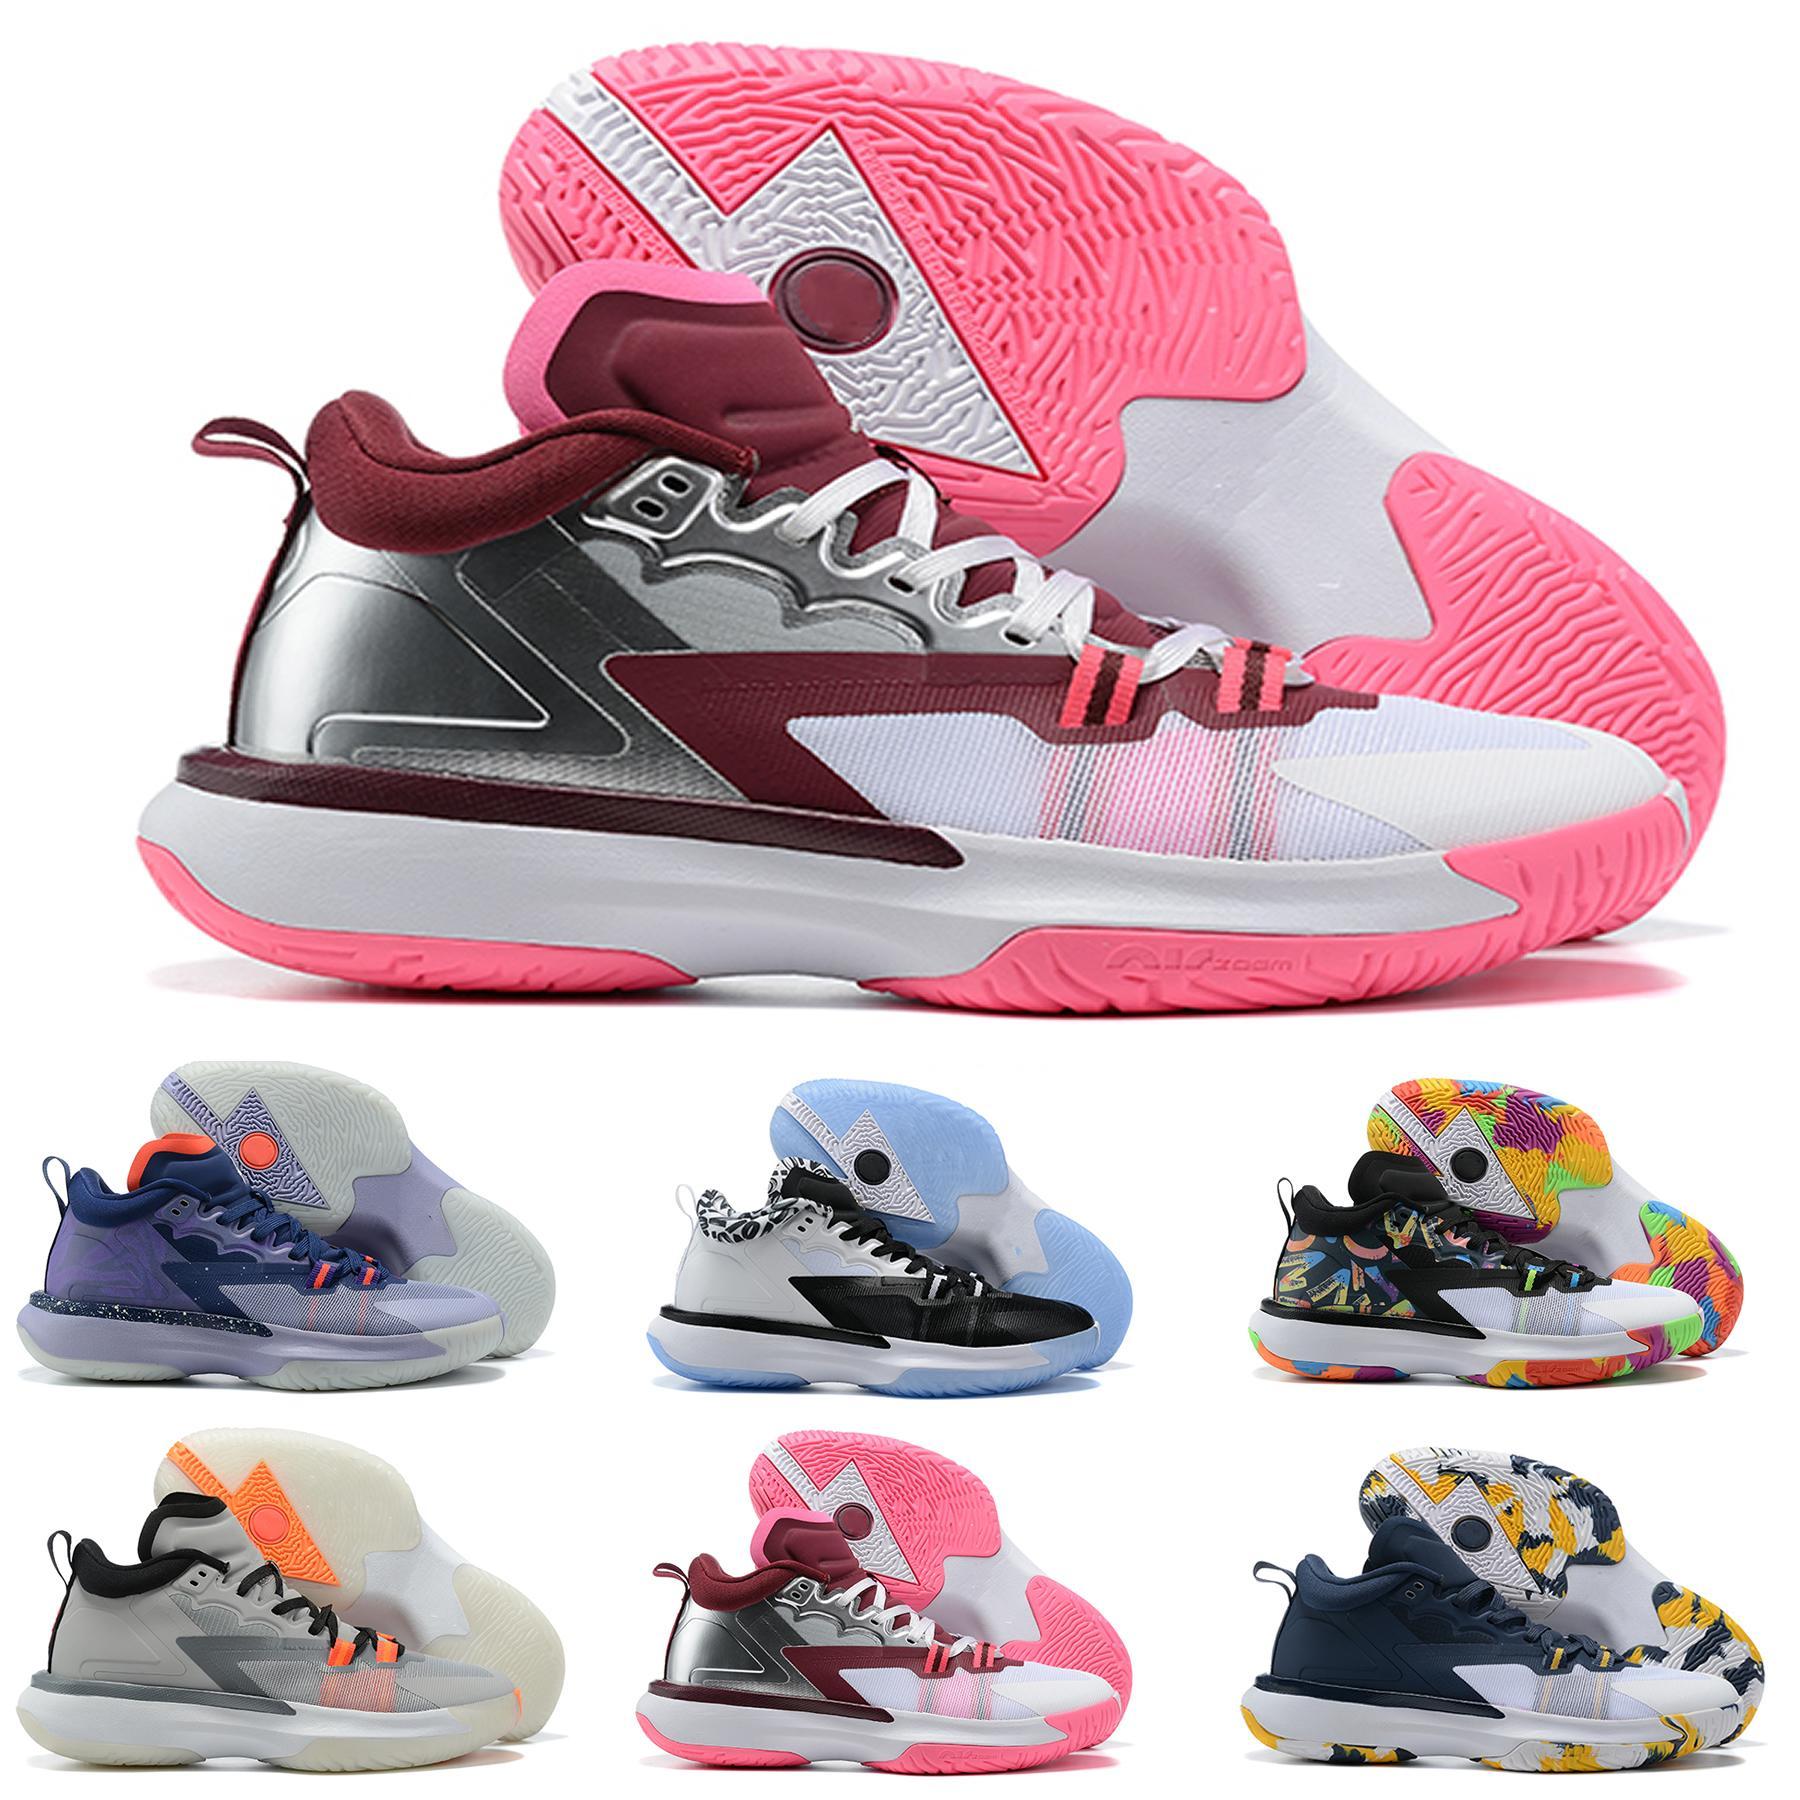 صهيون 1 PF الشباب كيد الرجال النساء أحذية كرة السلة للأبيض والأسود قوس قزح متعدد الالوان بنات بوي الرياضة أحذية رياضية الولايات المتحدة 7-12